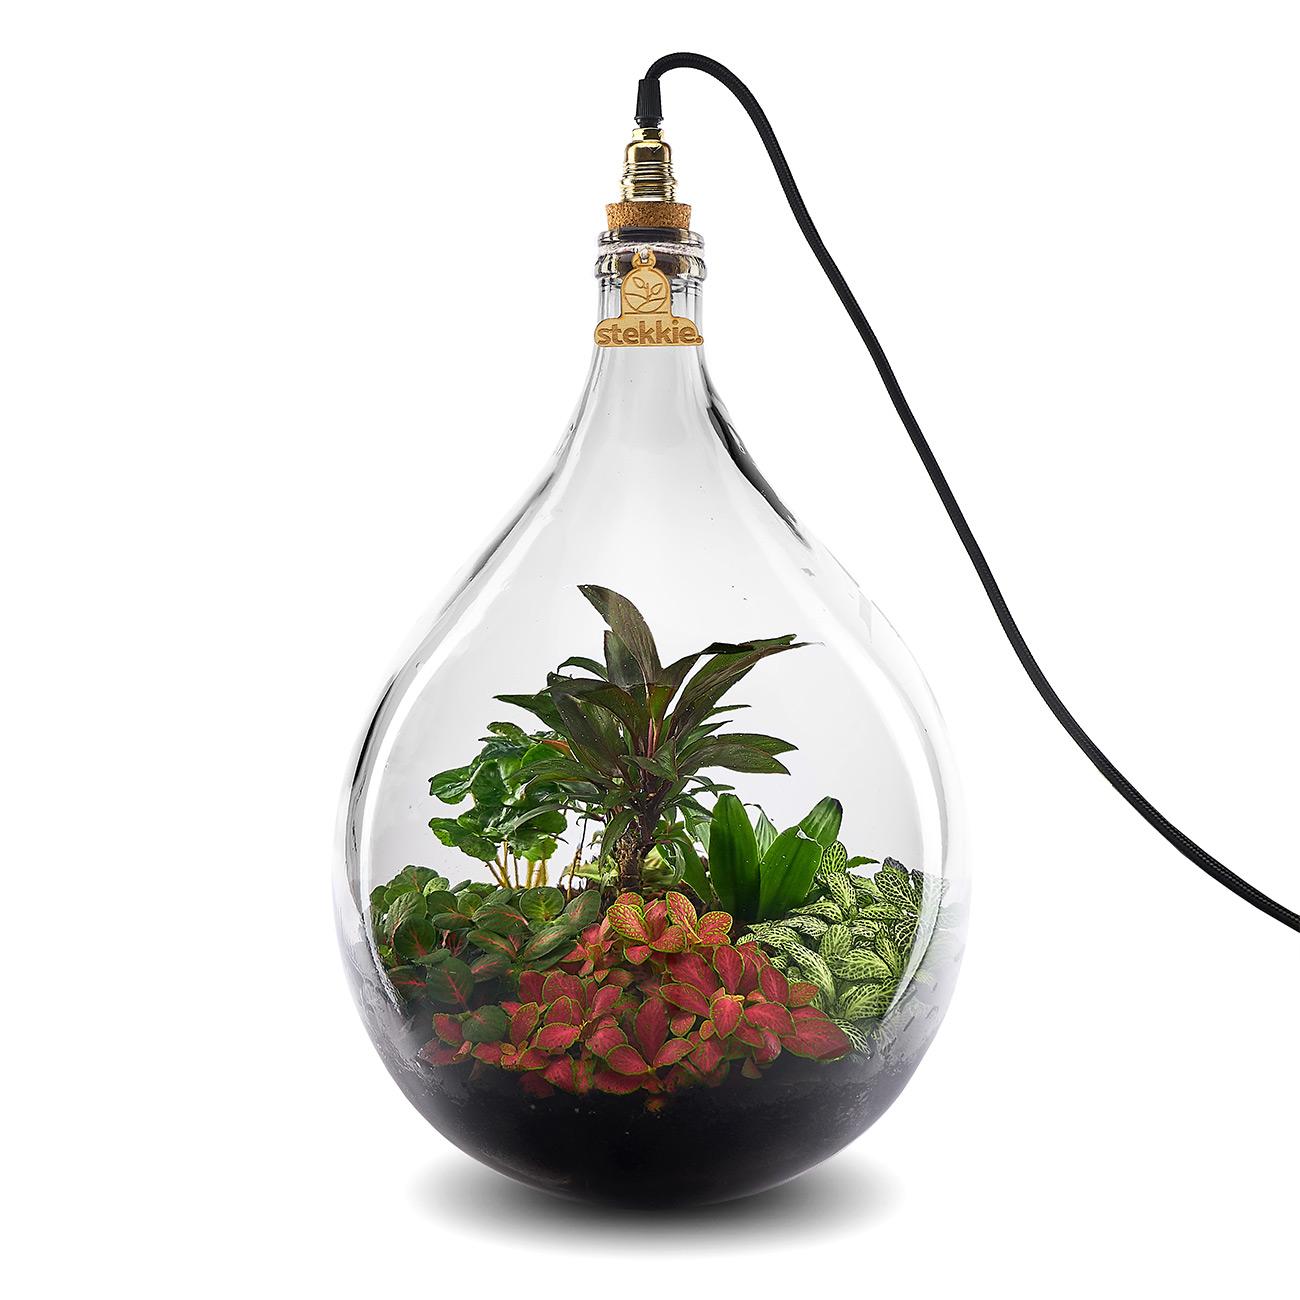 Stekkie Large (rode accentkleur) mini-ecosysteem/planten terrarium met lamp